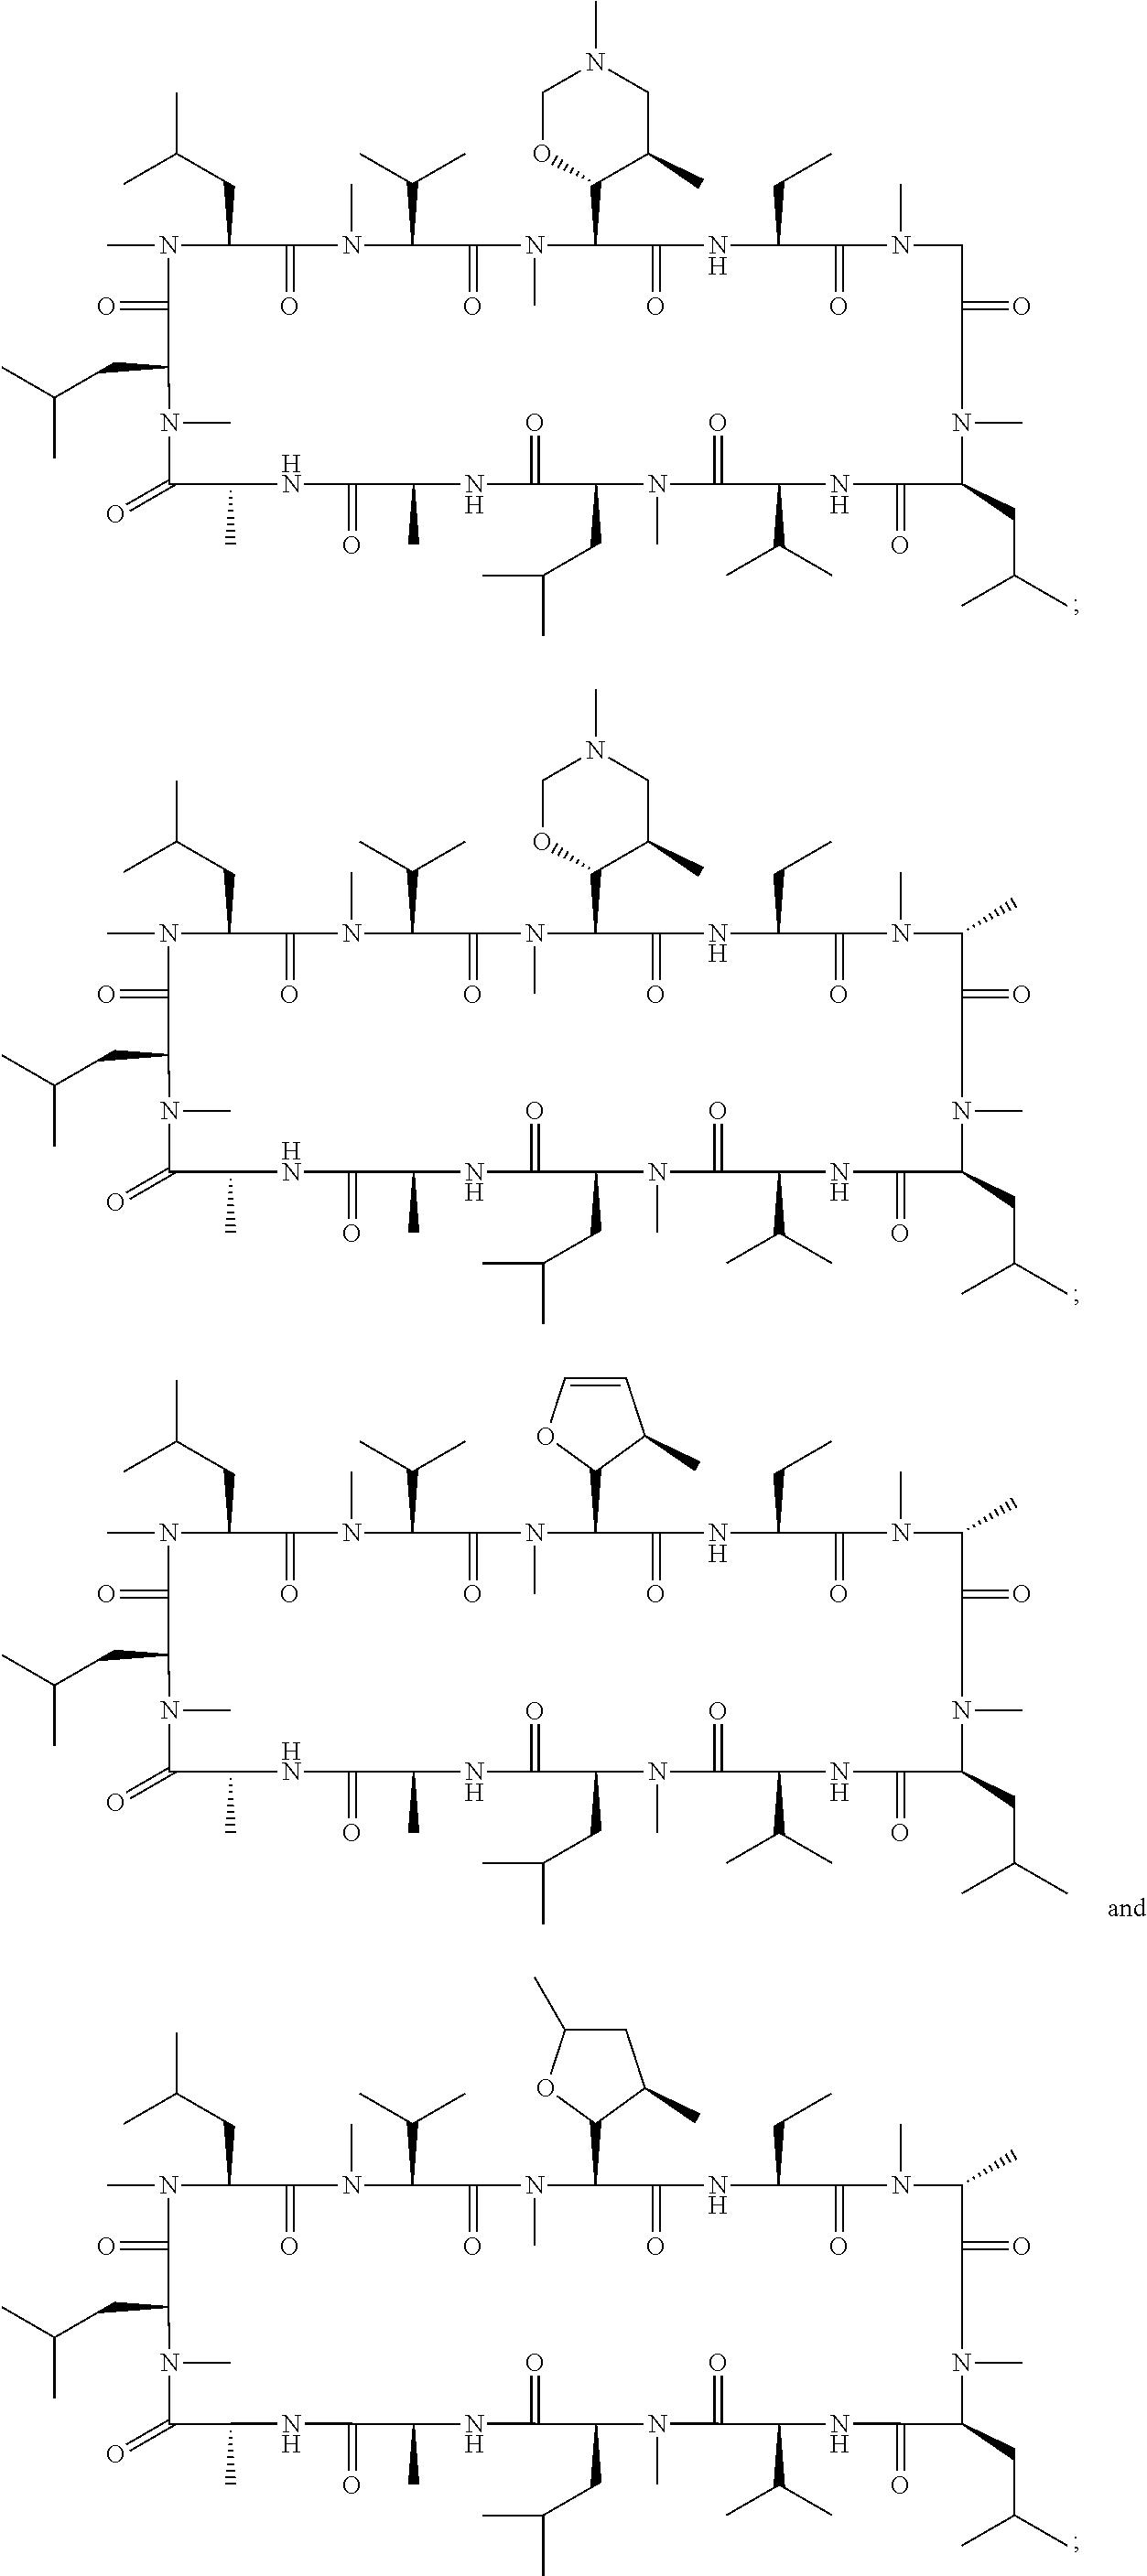 Figure US09914755-20180313-C00019